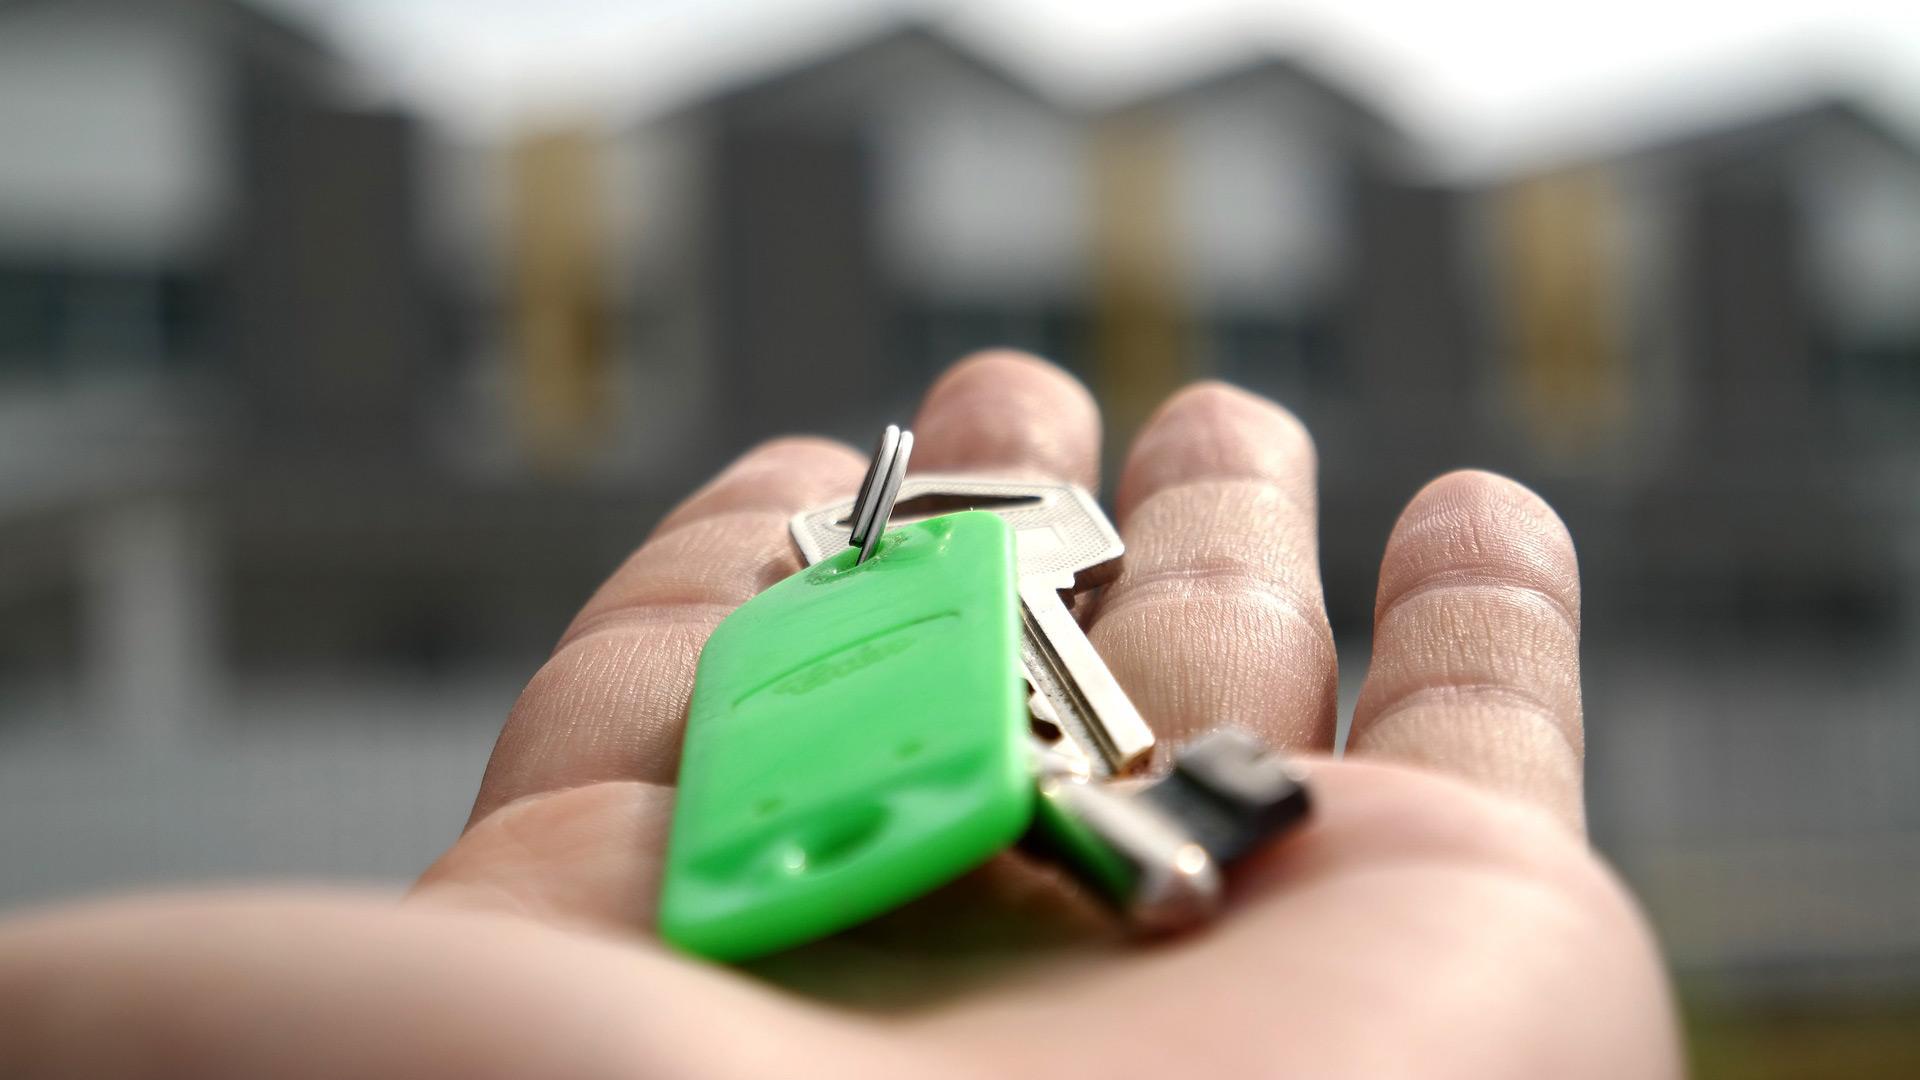 Prenájom bytu: Ako správne určiť výšku úhrad za energie